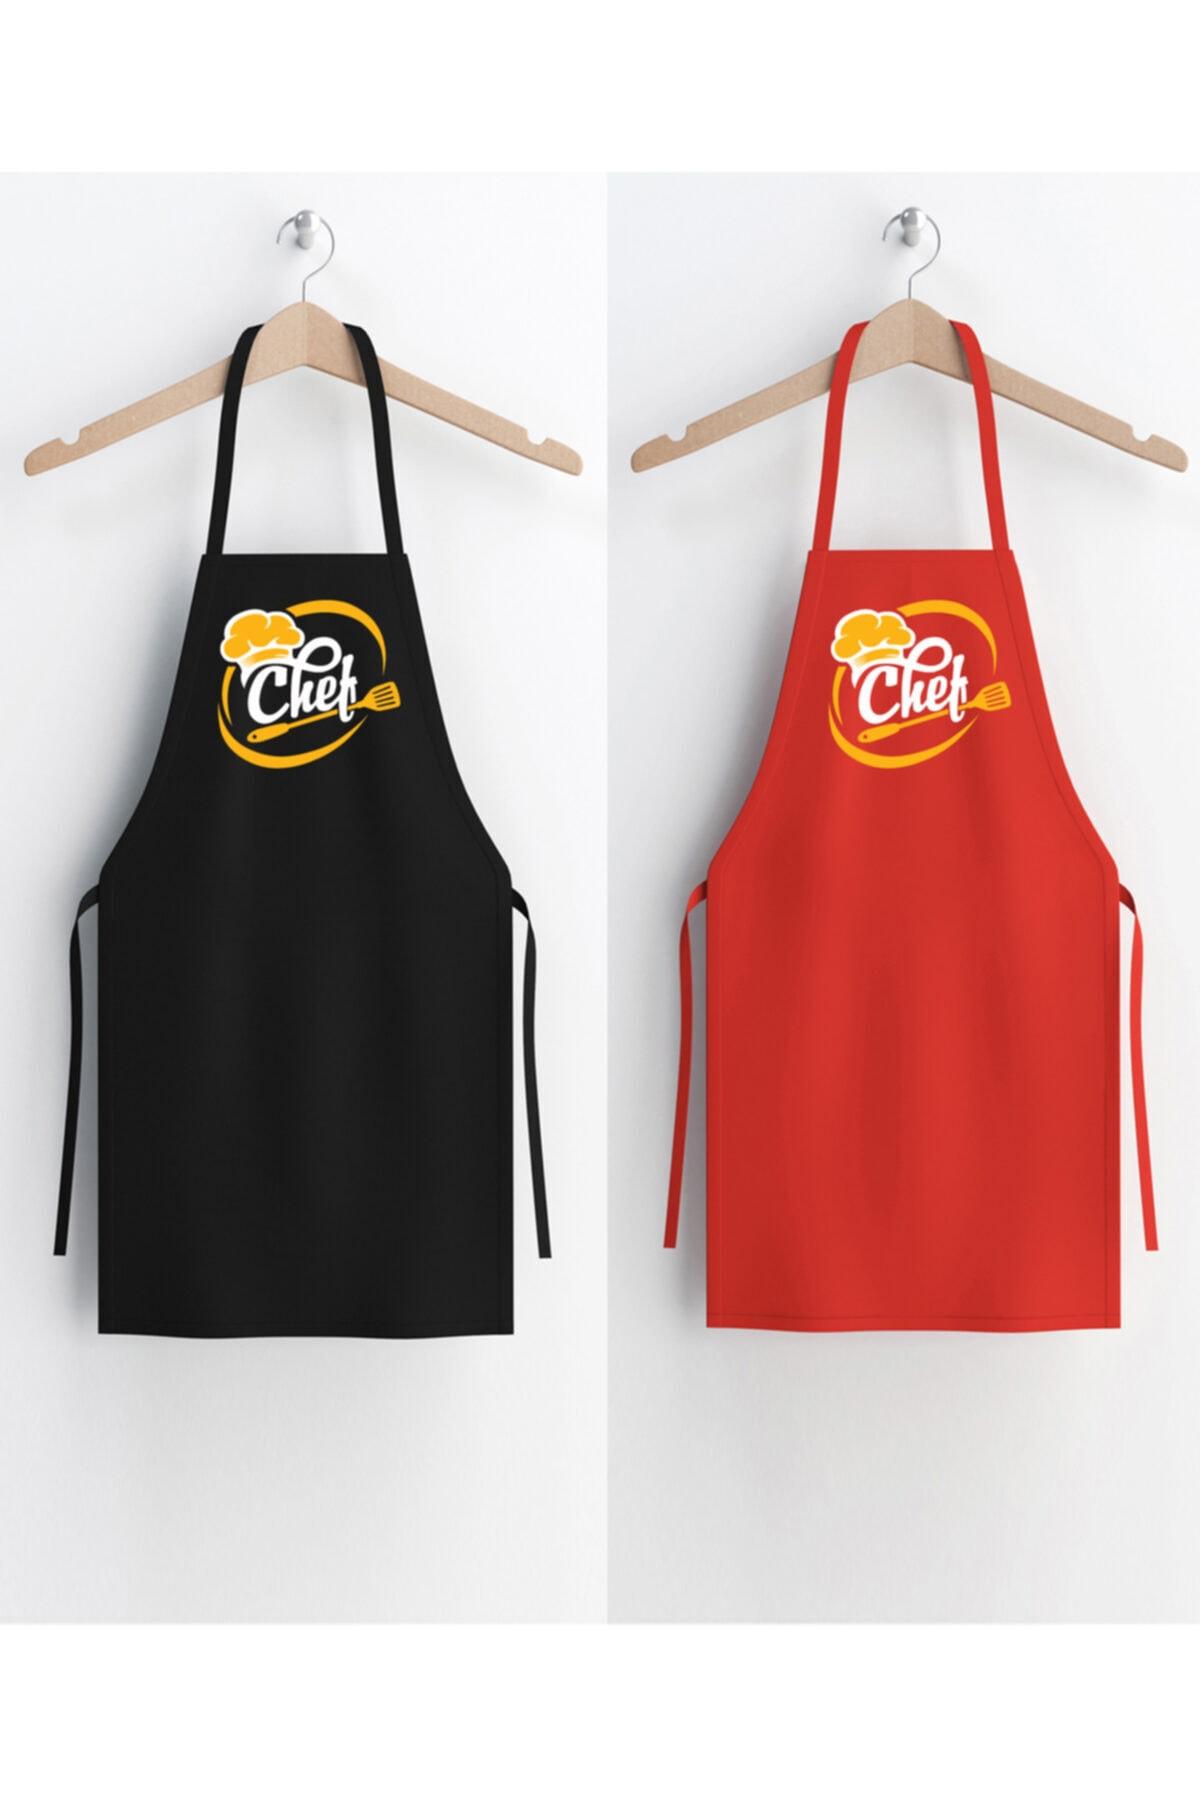 2 Adet Mutfak Önlüğü – Aşçı Önlüğü – Mutfak Chef Önlüğü - Garson Önlüğü (chef Baskılı)